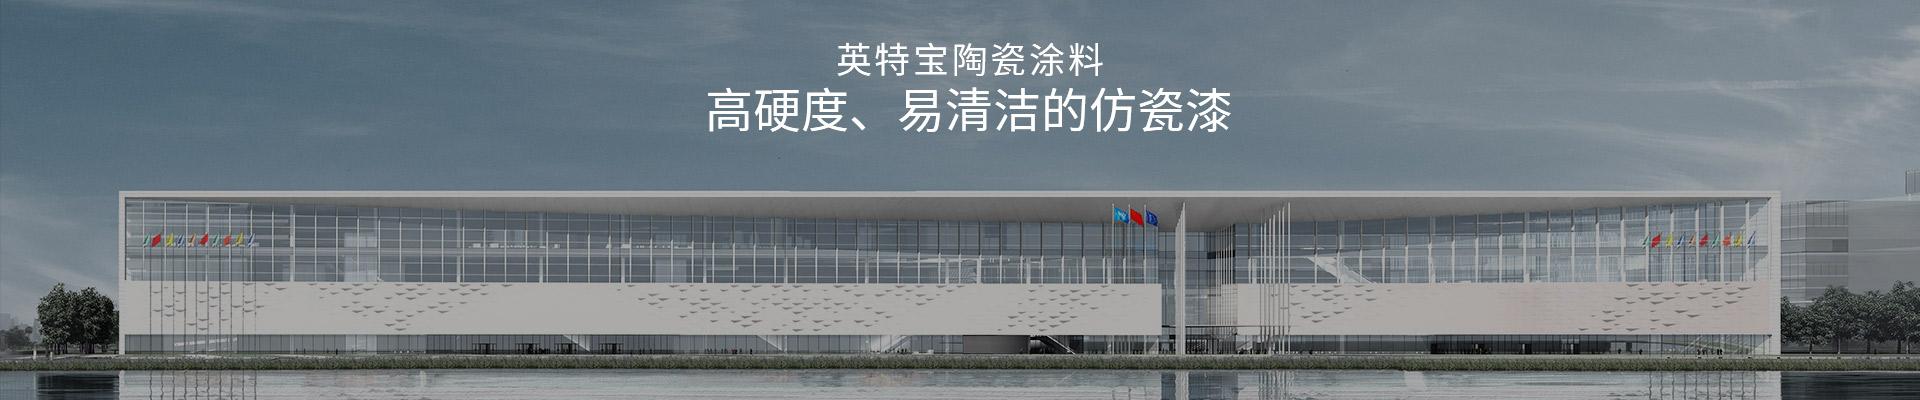 英特宝陶瓷涂料-北京国家会议中心指定供应商